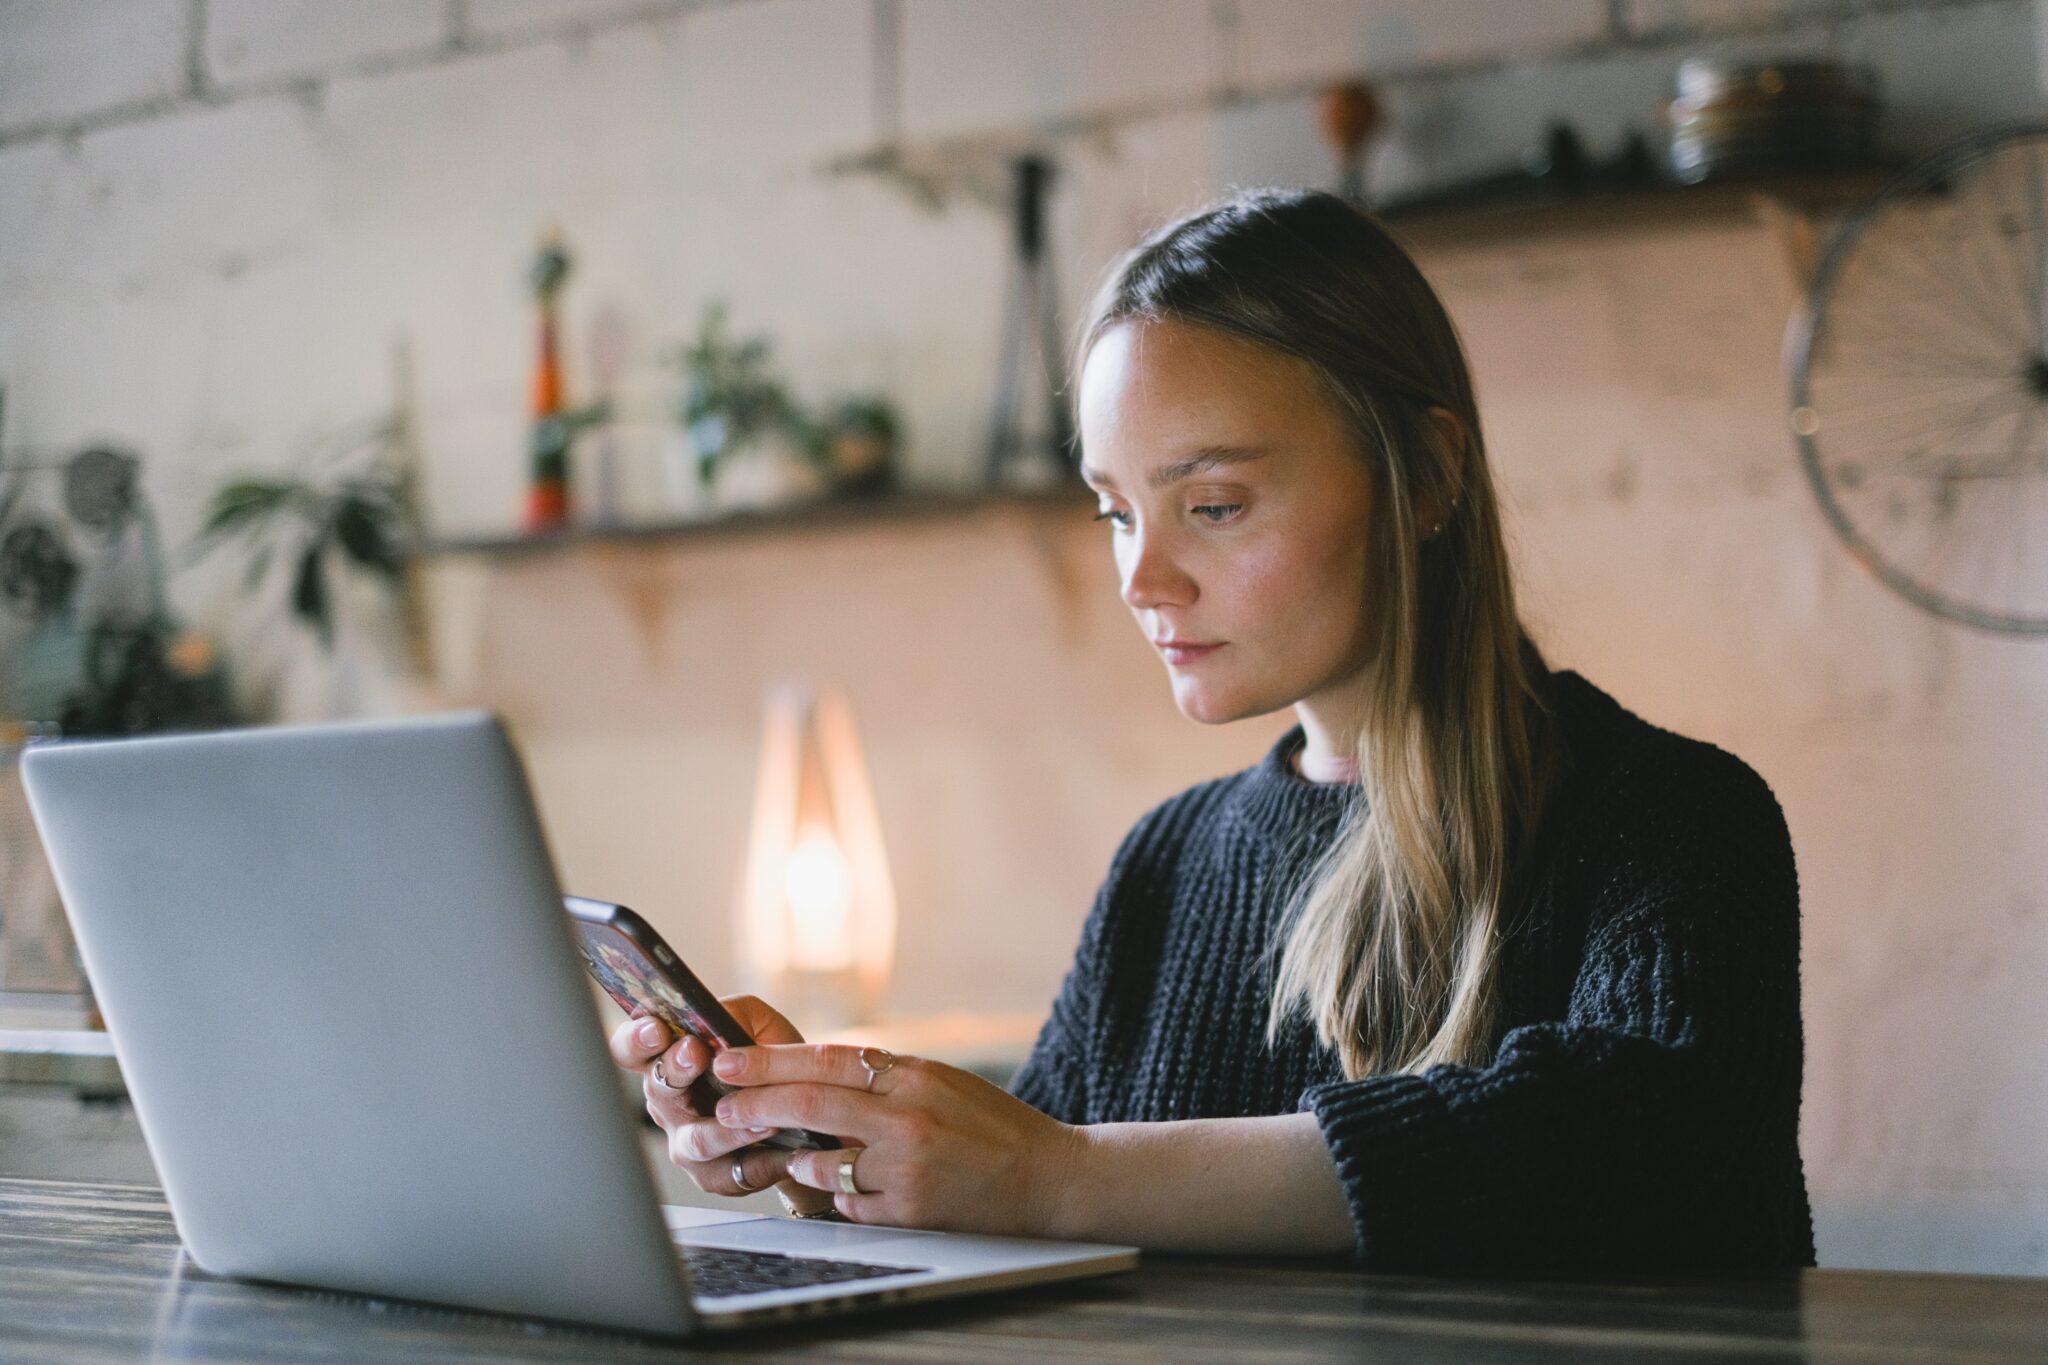 Eine Frau sitzt vor einem Laptop und benutzt ihr Handy